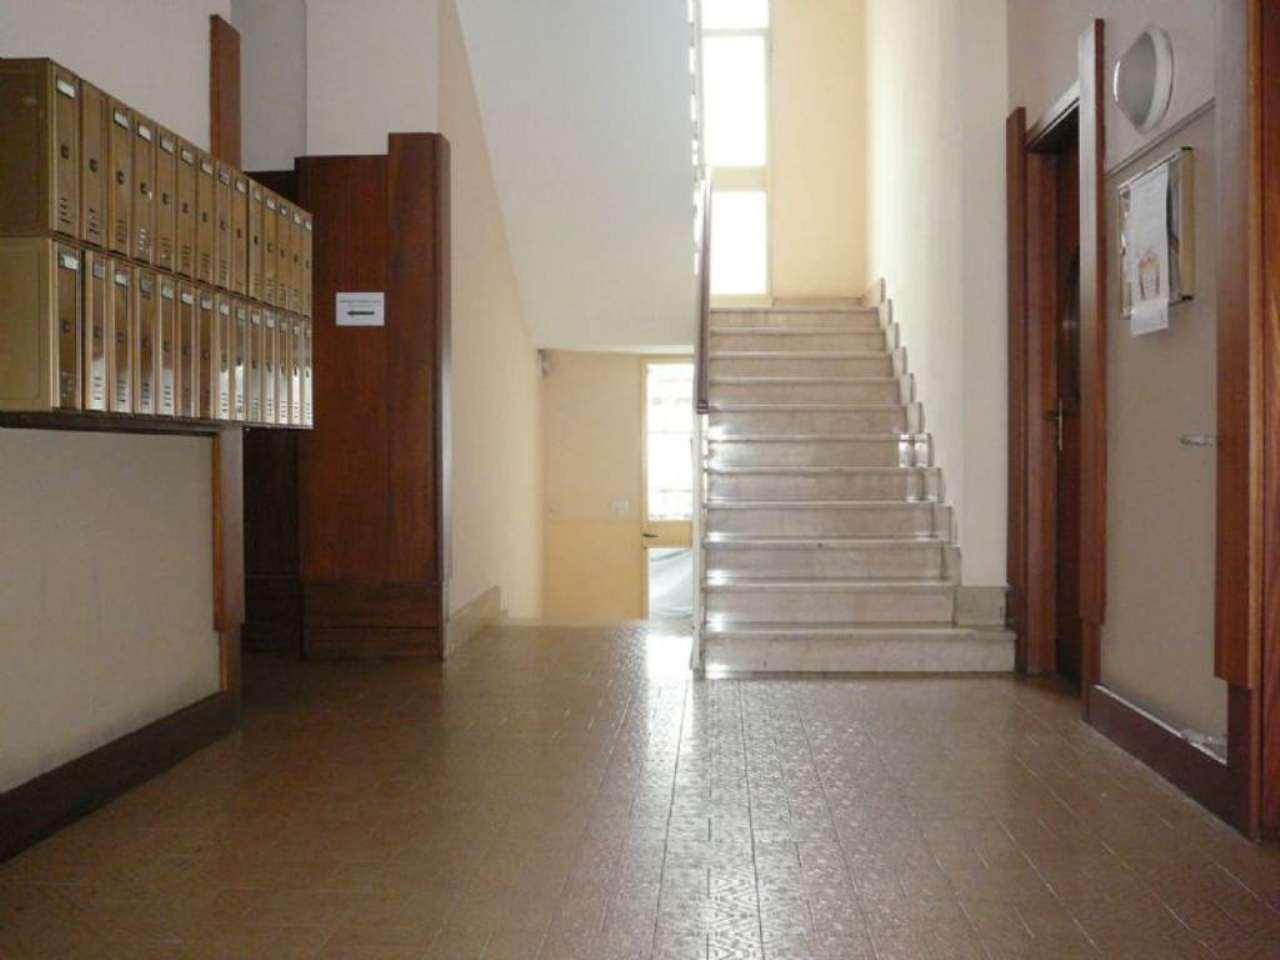 Bilocale Casale Monferrato Via Pagliano 6